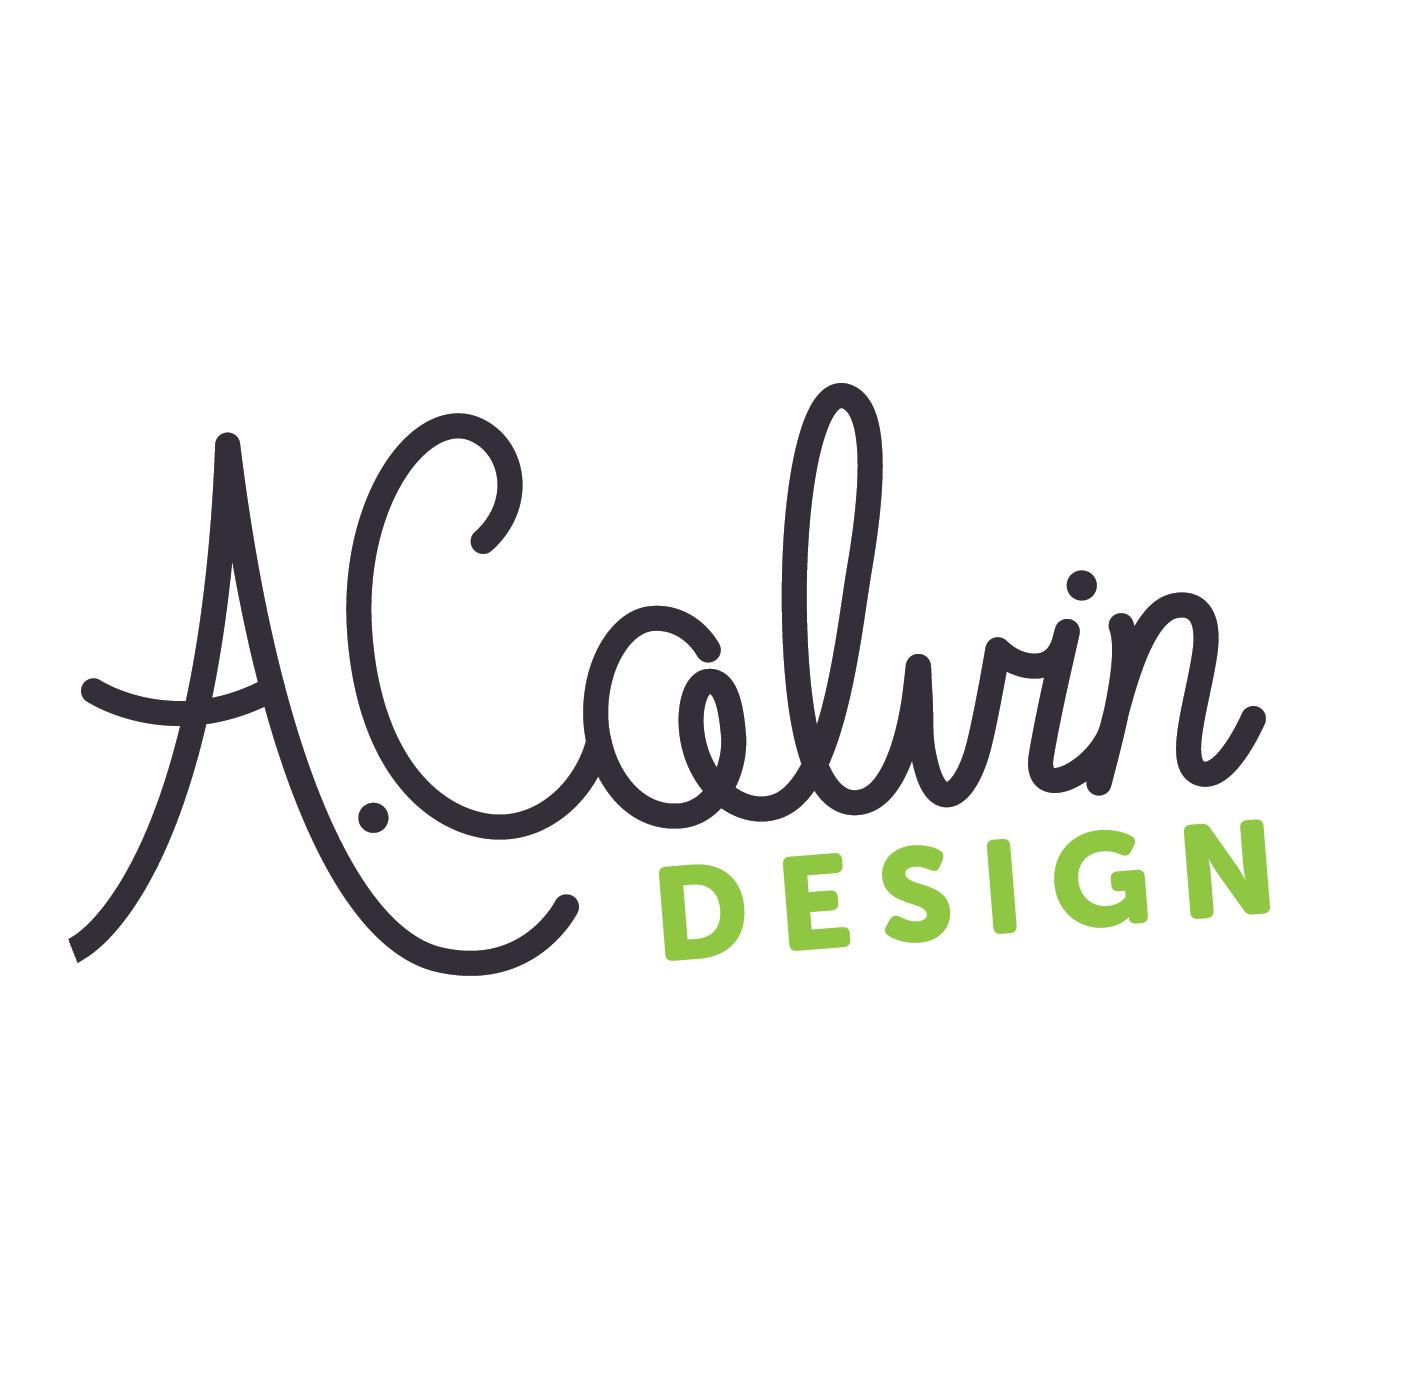 A.Calvin Design